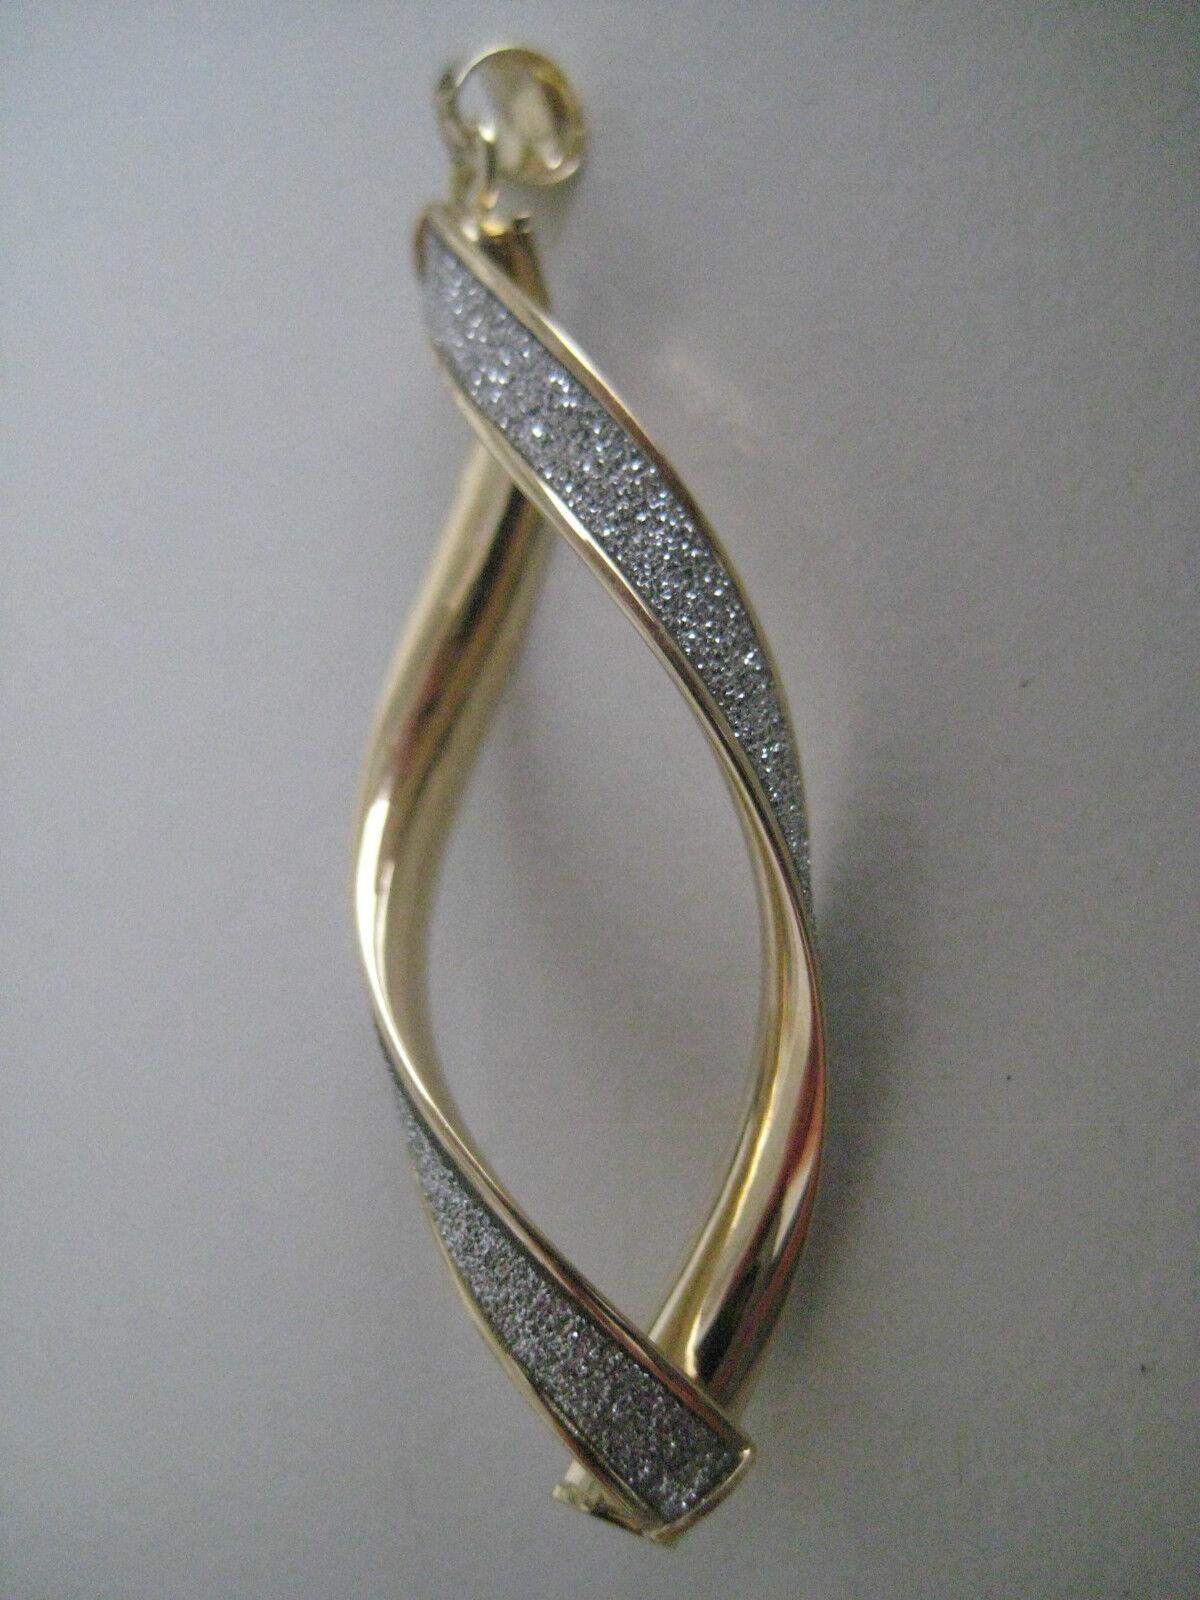 oro Penzolanti Ciondolo Ciondolo Ciondolo oro Giallo 9 CARATI Intrecciato Effetto Glitter Diamond c2f83f